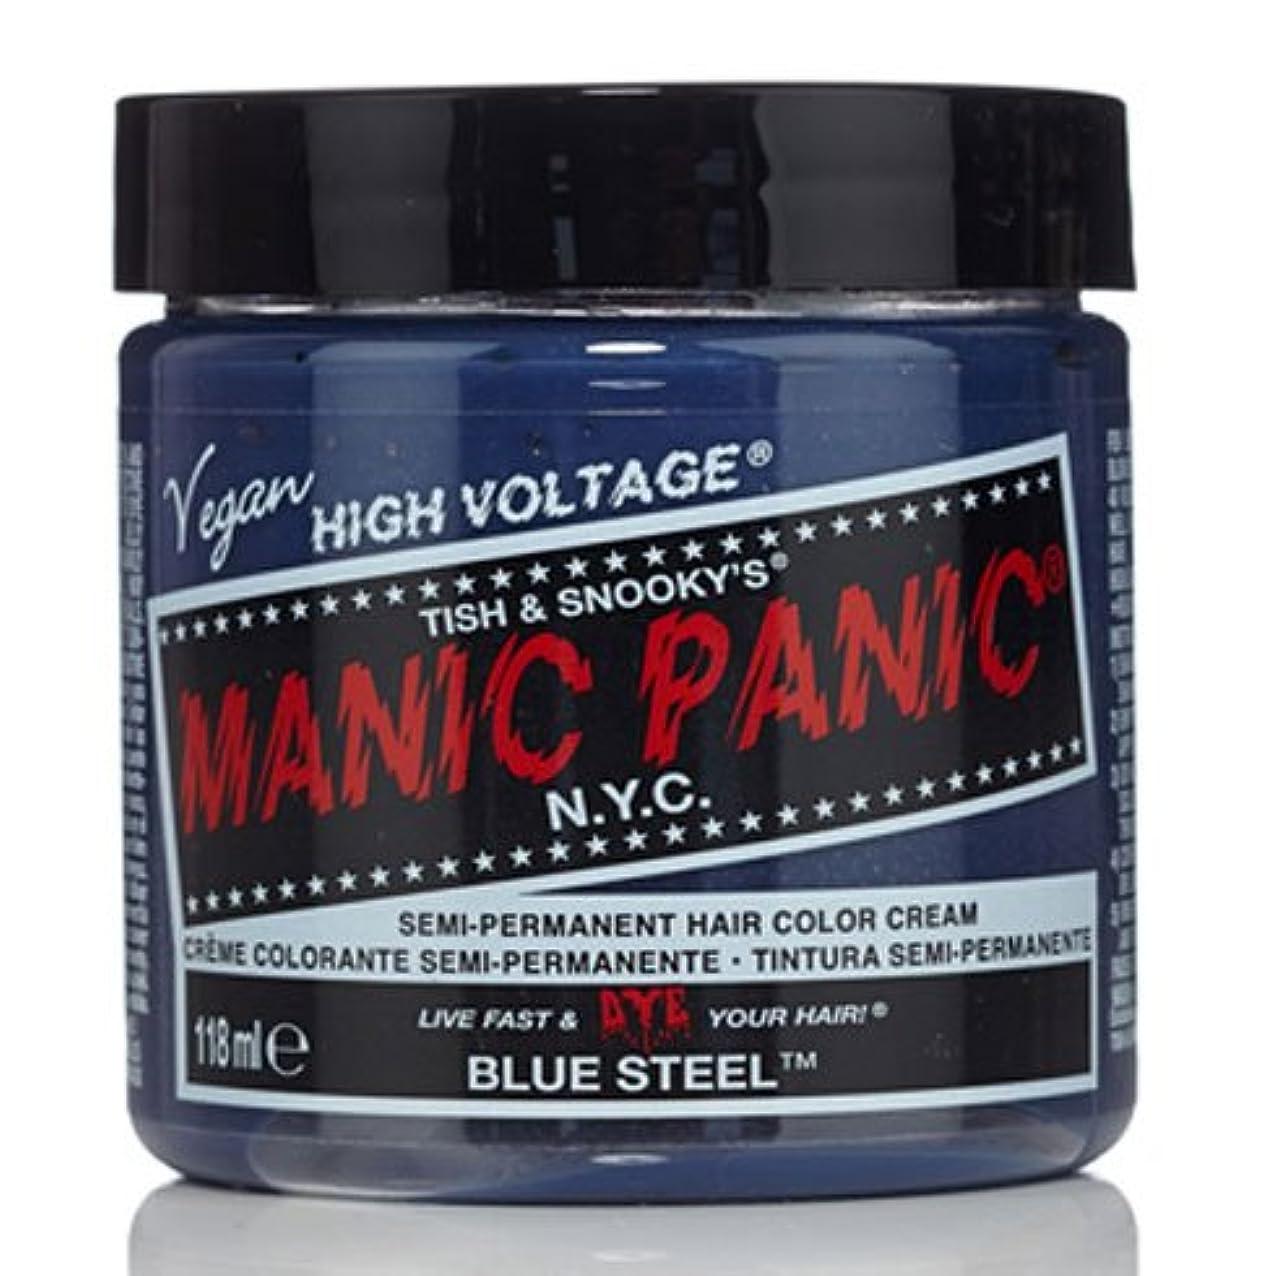 売上高従来の荷物スペシャルセットMANIC PANICマニックパニック:BLUE STEEL (ブルースティール)+ヘアカラーケア4点セット